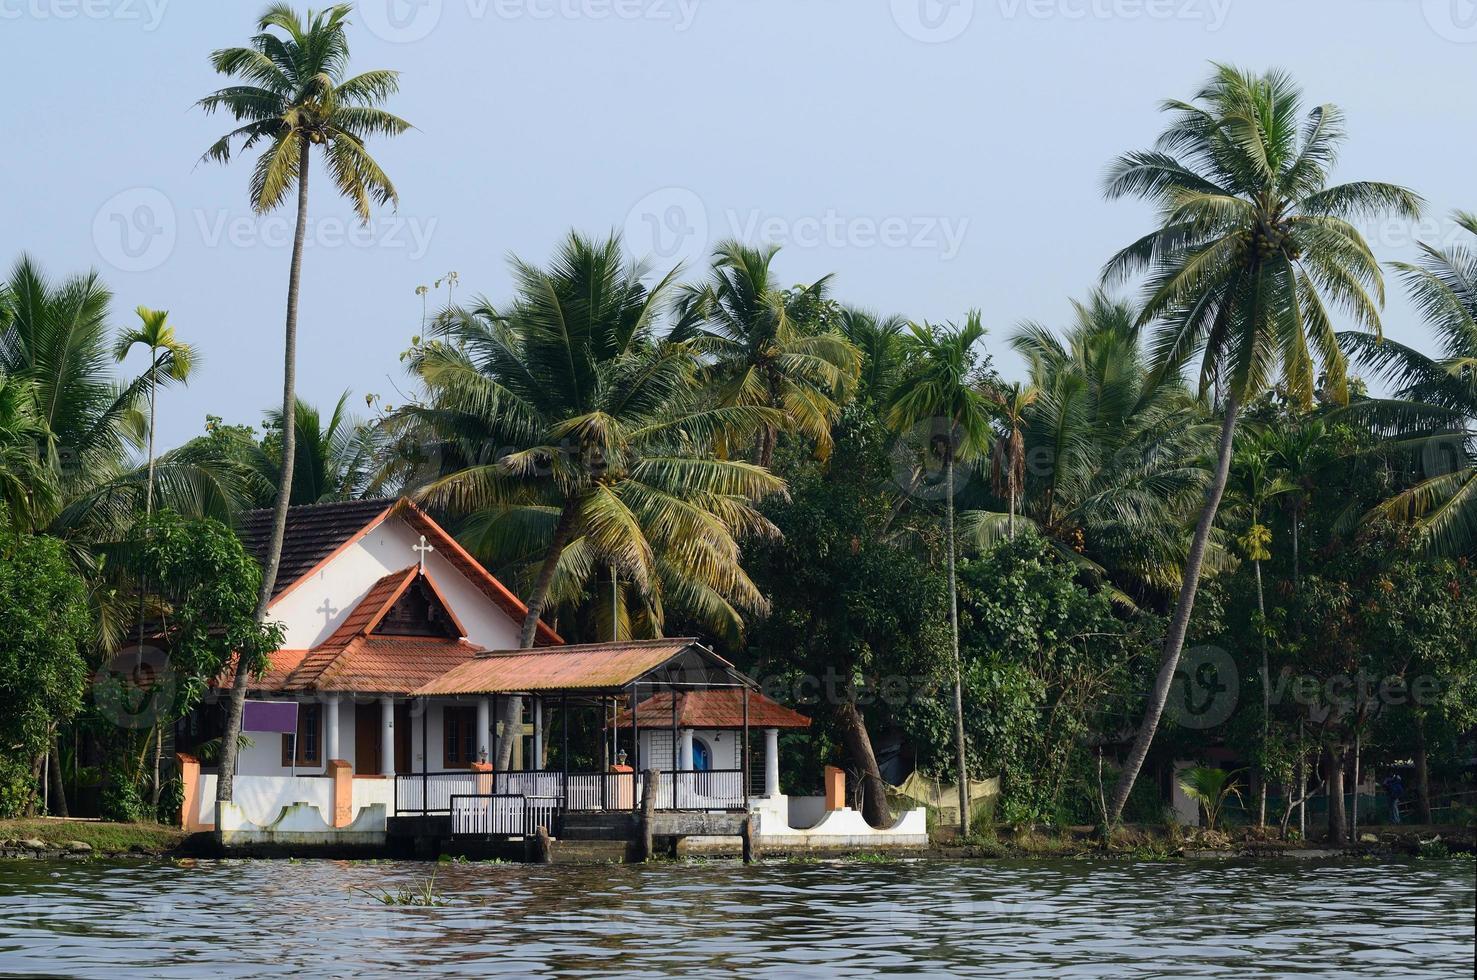 Église rurale à Alappuzha Backwaters, Inde du Sud, Kerala, UNESCO photo